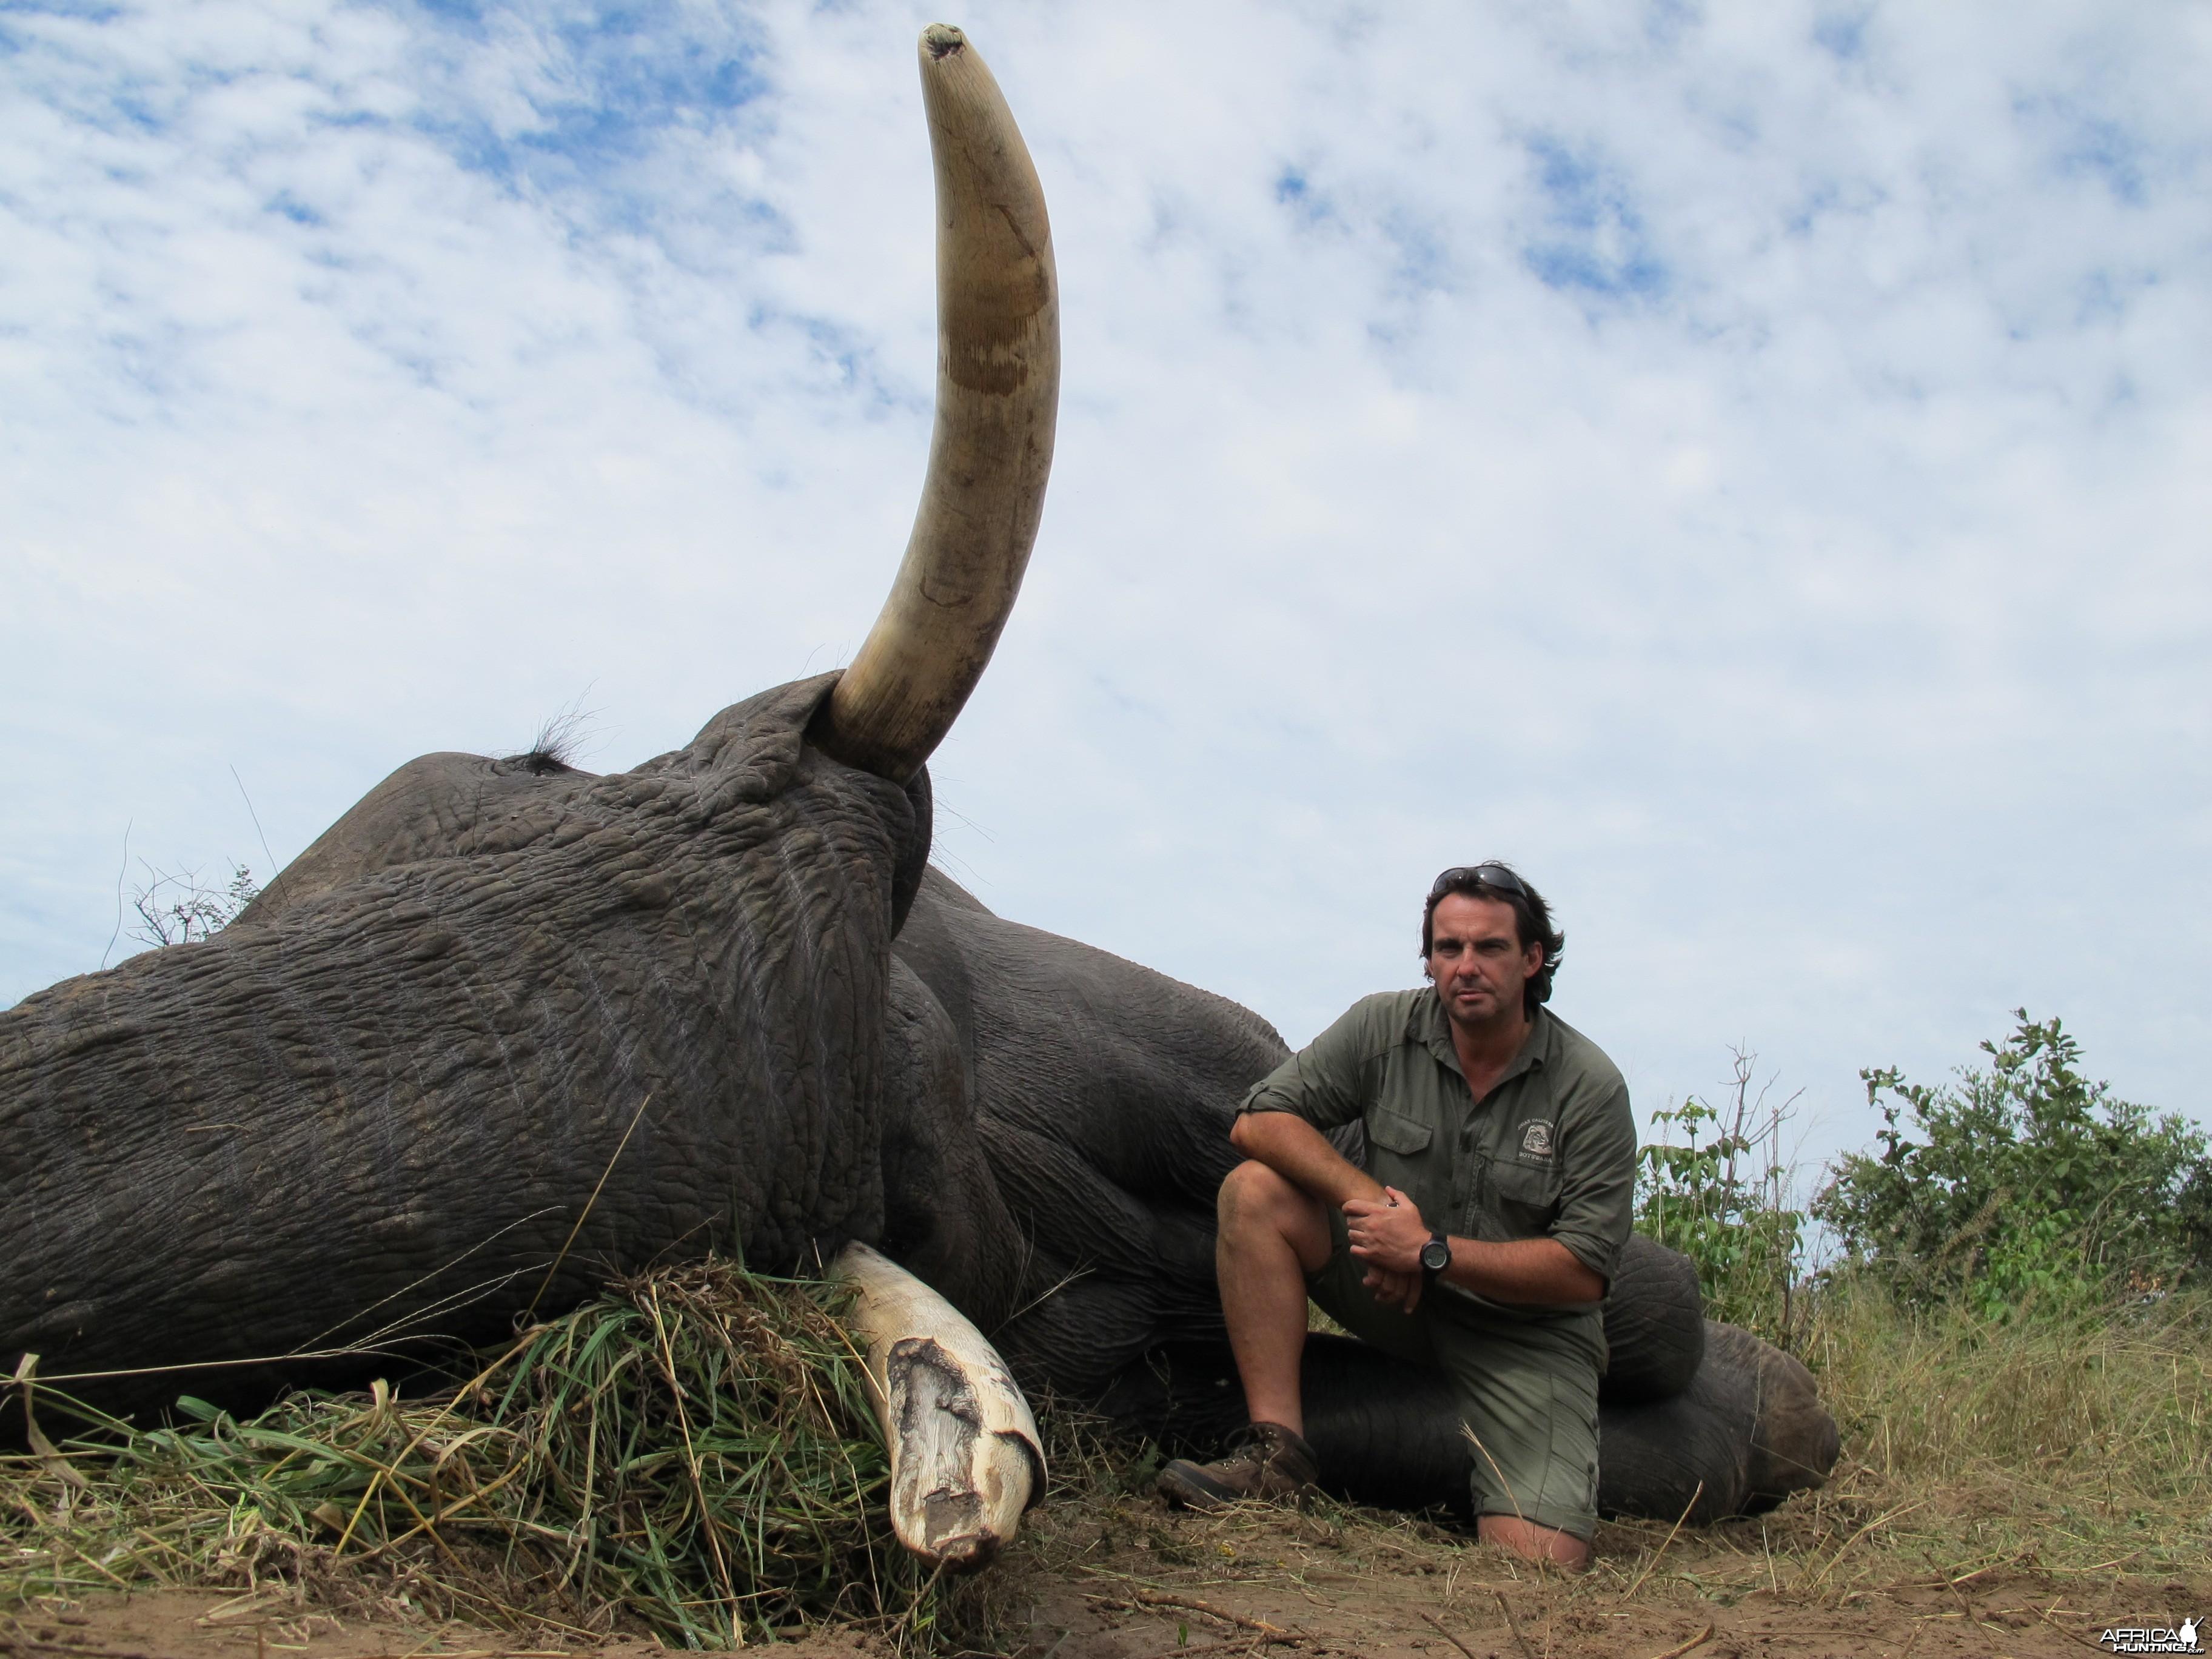 Elephant Botswana 2011 67 x 64 Lbs